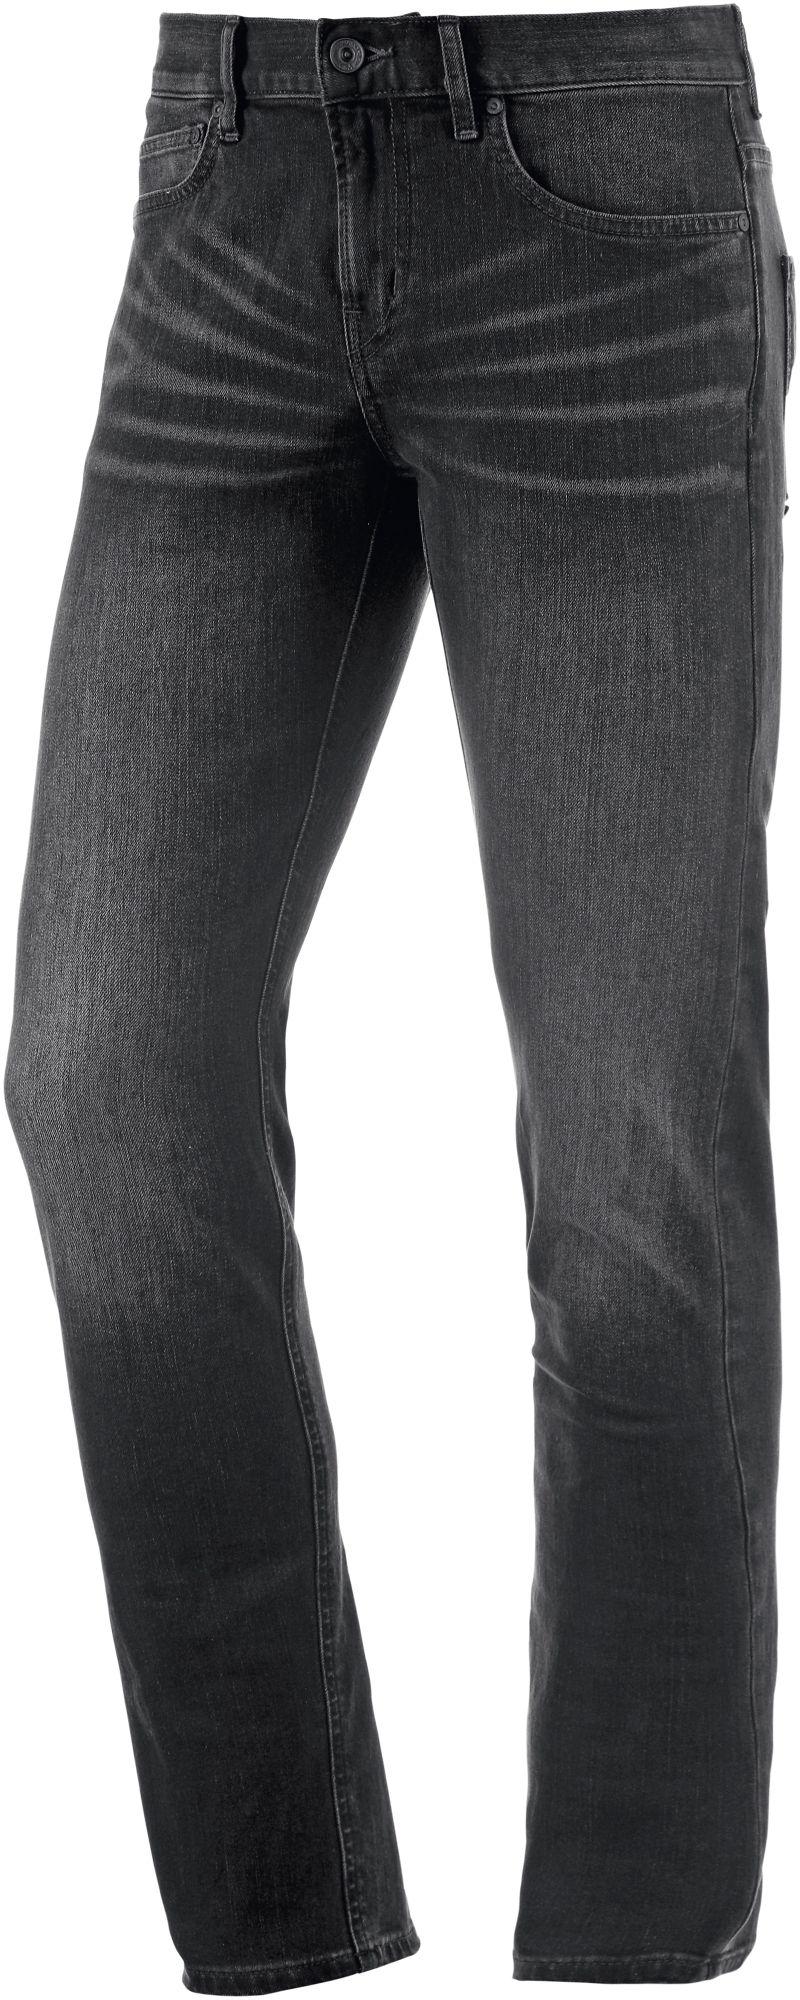 Alessandro Straight Fit Jeans Herren mehrfarbig, Größe 34 / 32